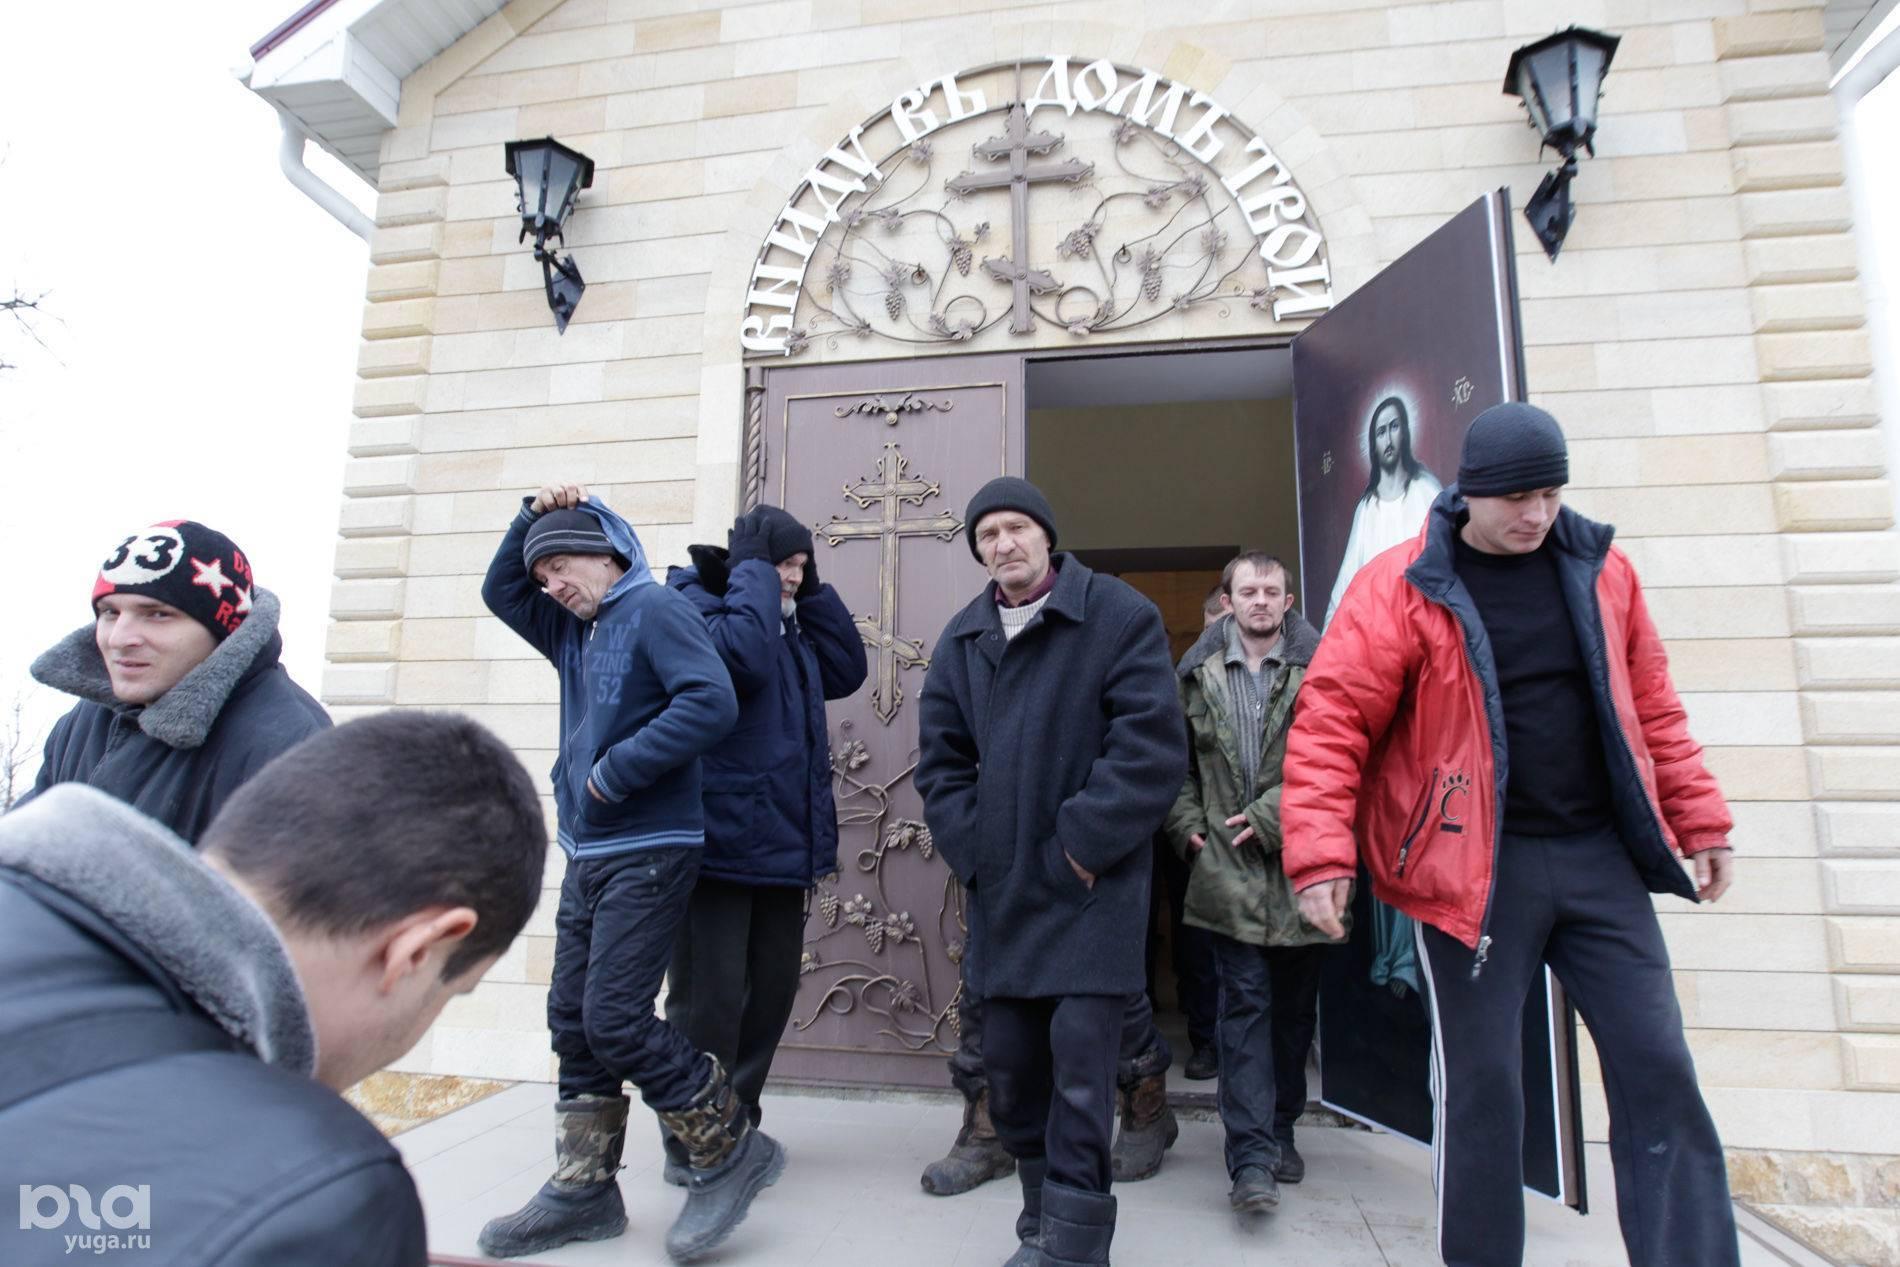 Реабилитация наркозависимых! бесплатно для наркоманов в москве и области